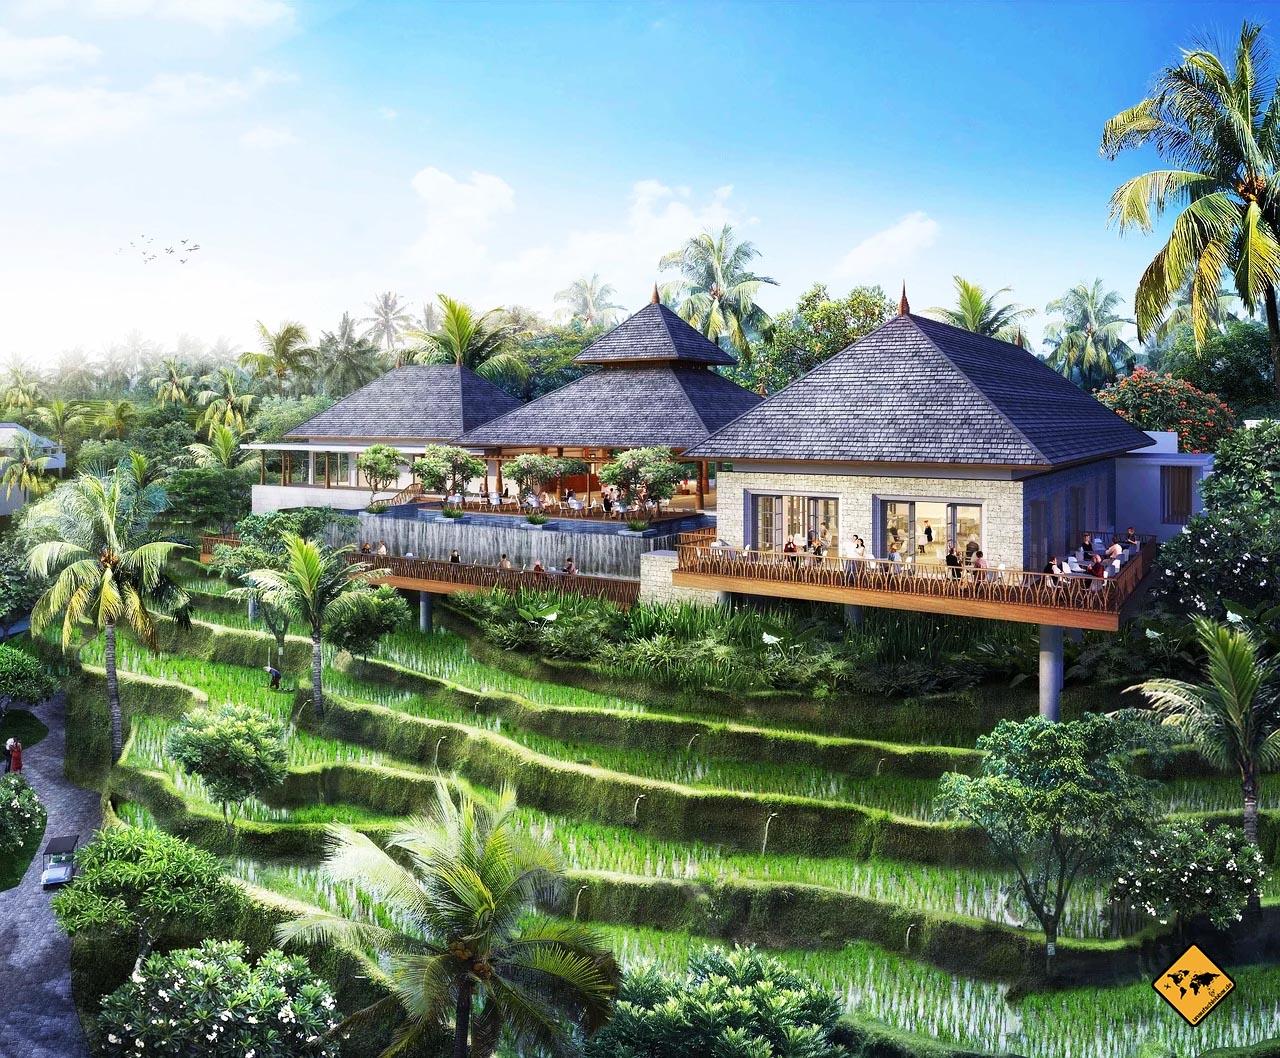 Mit Airbnb um die Welt Bastian Barami Officeflucht Kurs hoher Ertrag